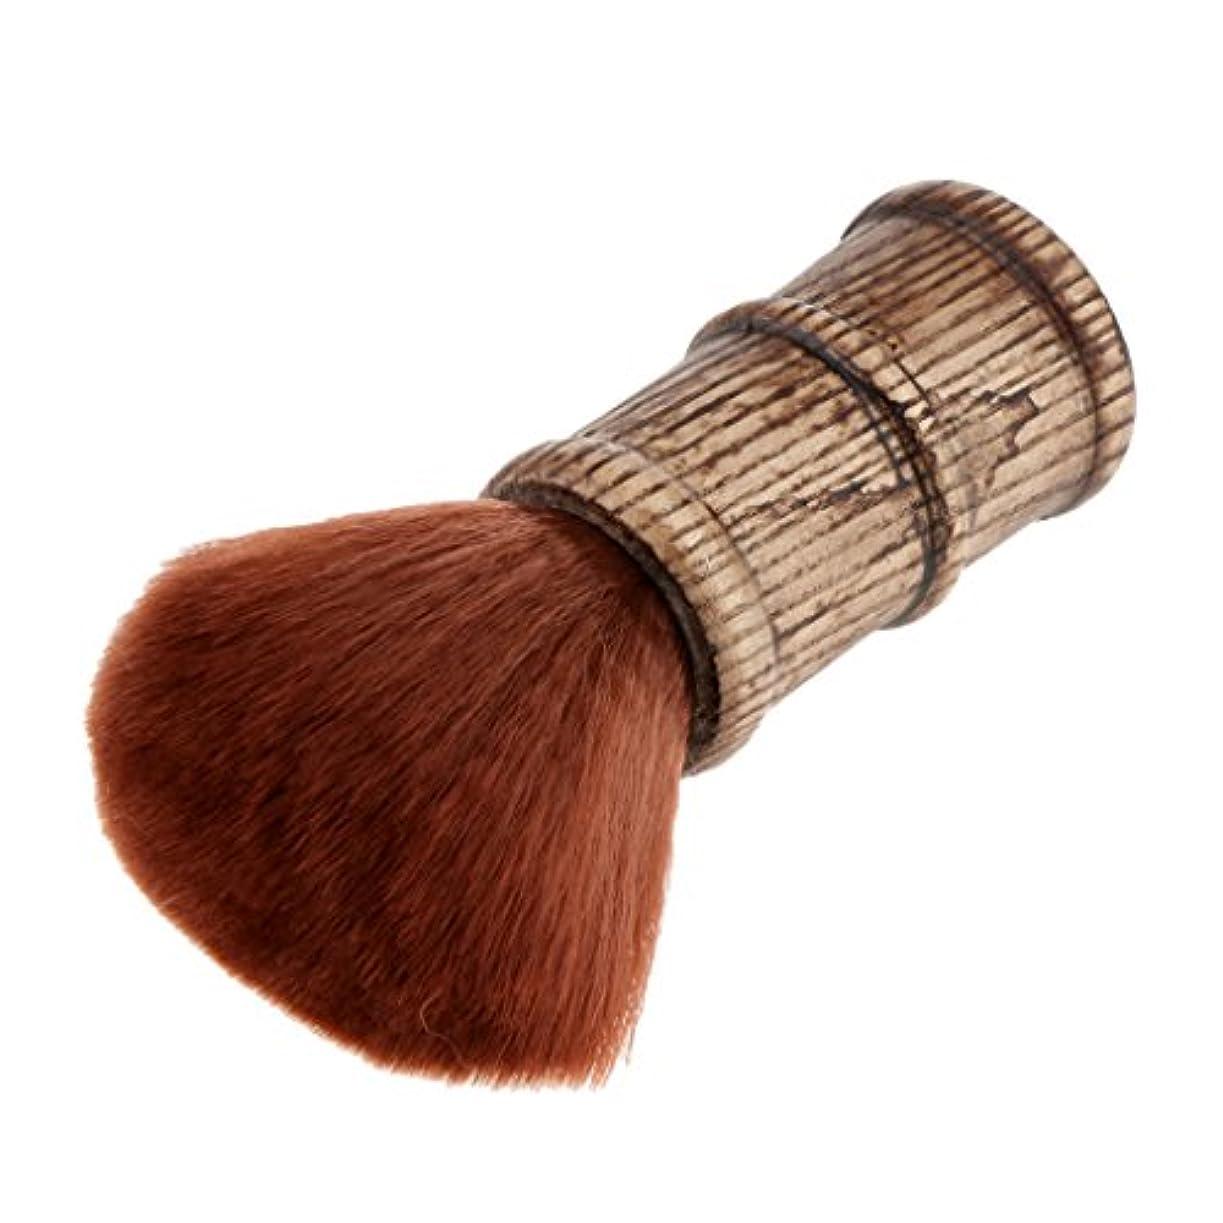 歩道シティまろやかなヘアカット 散髪 ネックダスターブラシ ソフト クリーニングヘアブラシ ヘアスイープブラシ 2色選べる - 褐色